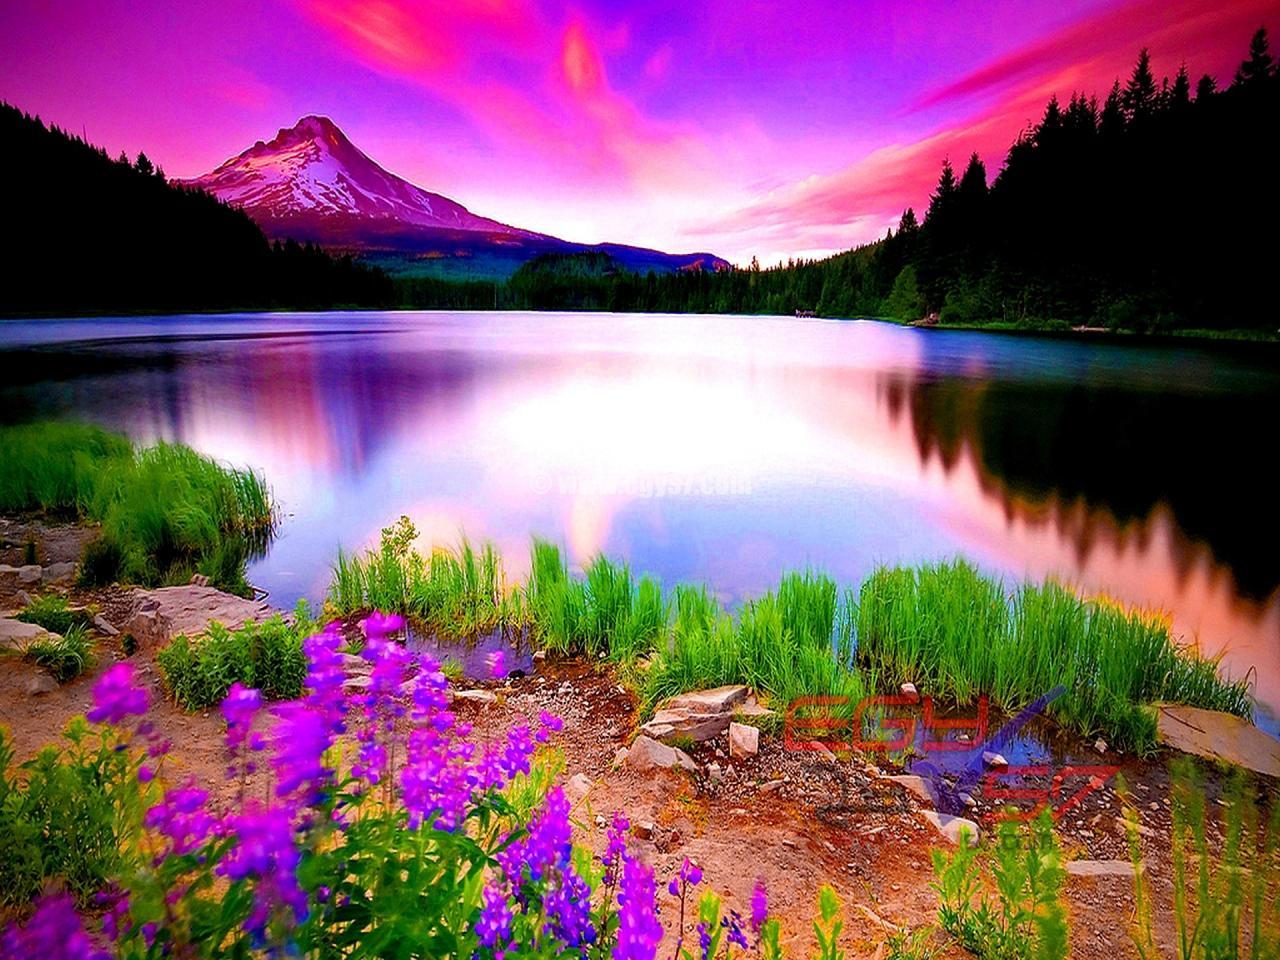 صور طبيعية خلابة صور خلفيات طبيعة 8